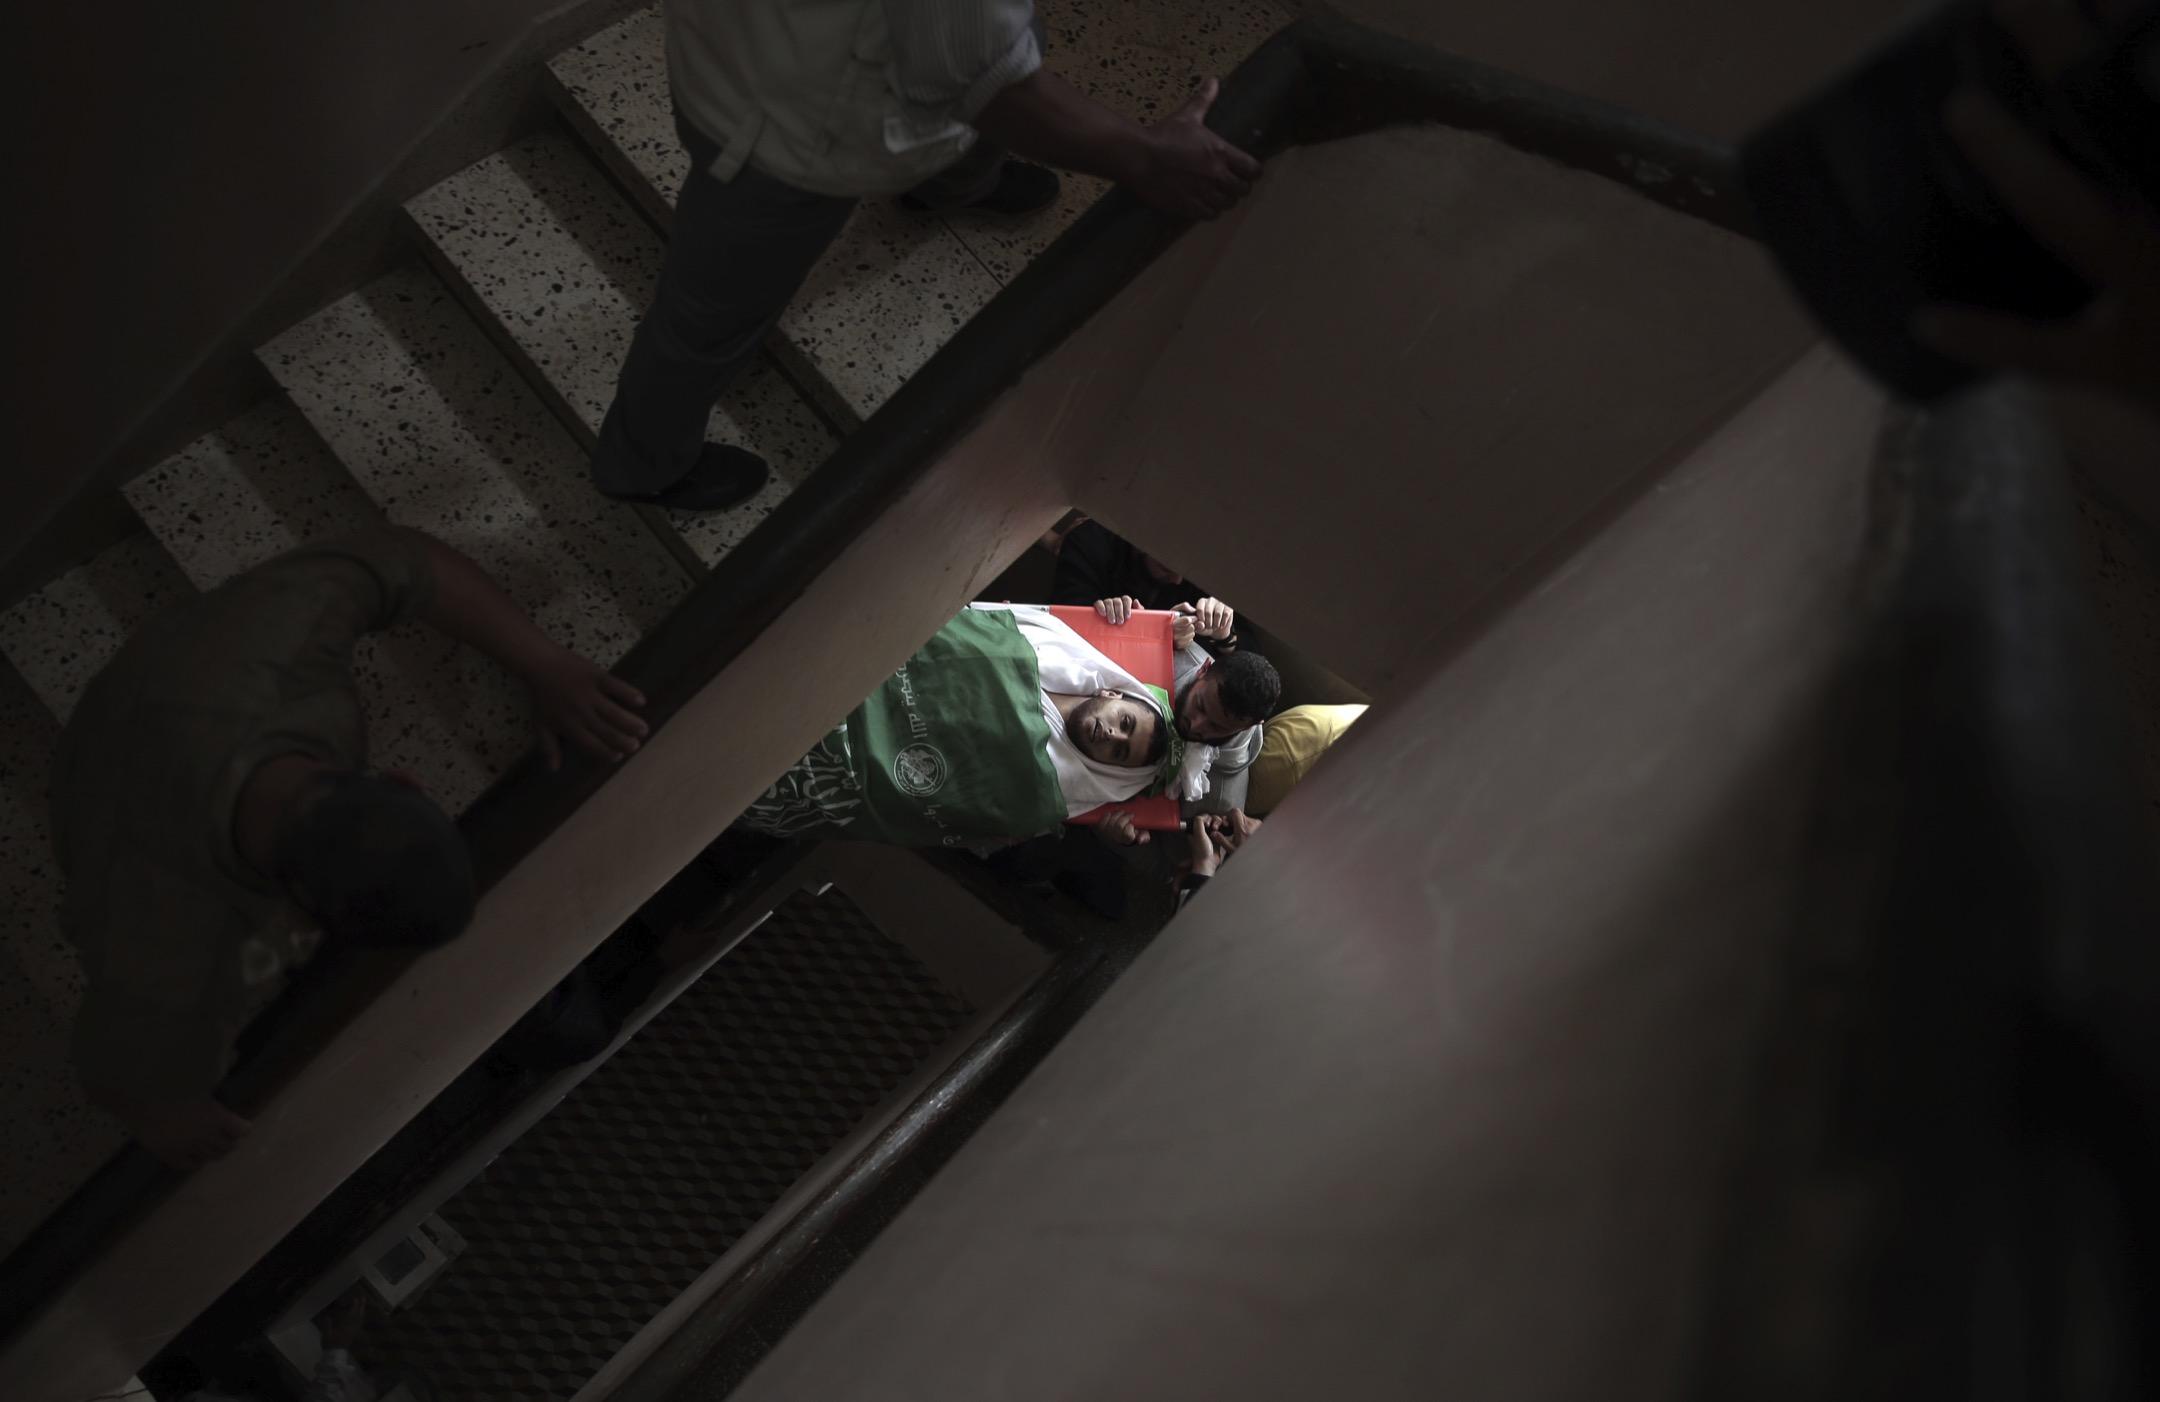 2018年4月5日,加沙地區受以色列空襲,23歲的 Mojahid al-Khodari 在空襲中身亡,蓋上國旗的遺體被親友們抬回家進行喪禮。當地示威活動仍然持續,目的為逃難到中東各地的巴勒斯坦人爭取回家的權利,示威至今造成21人死亡。